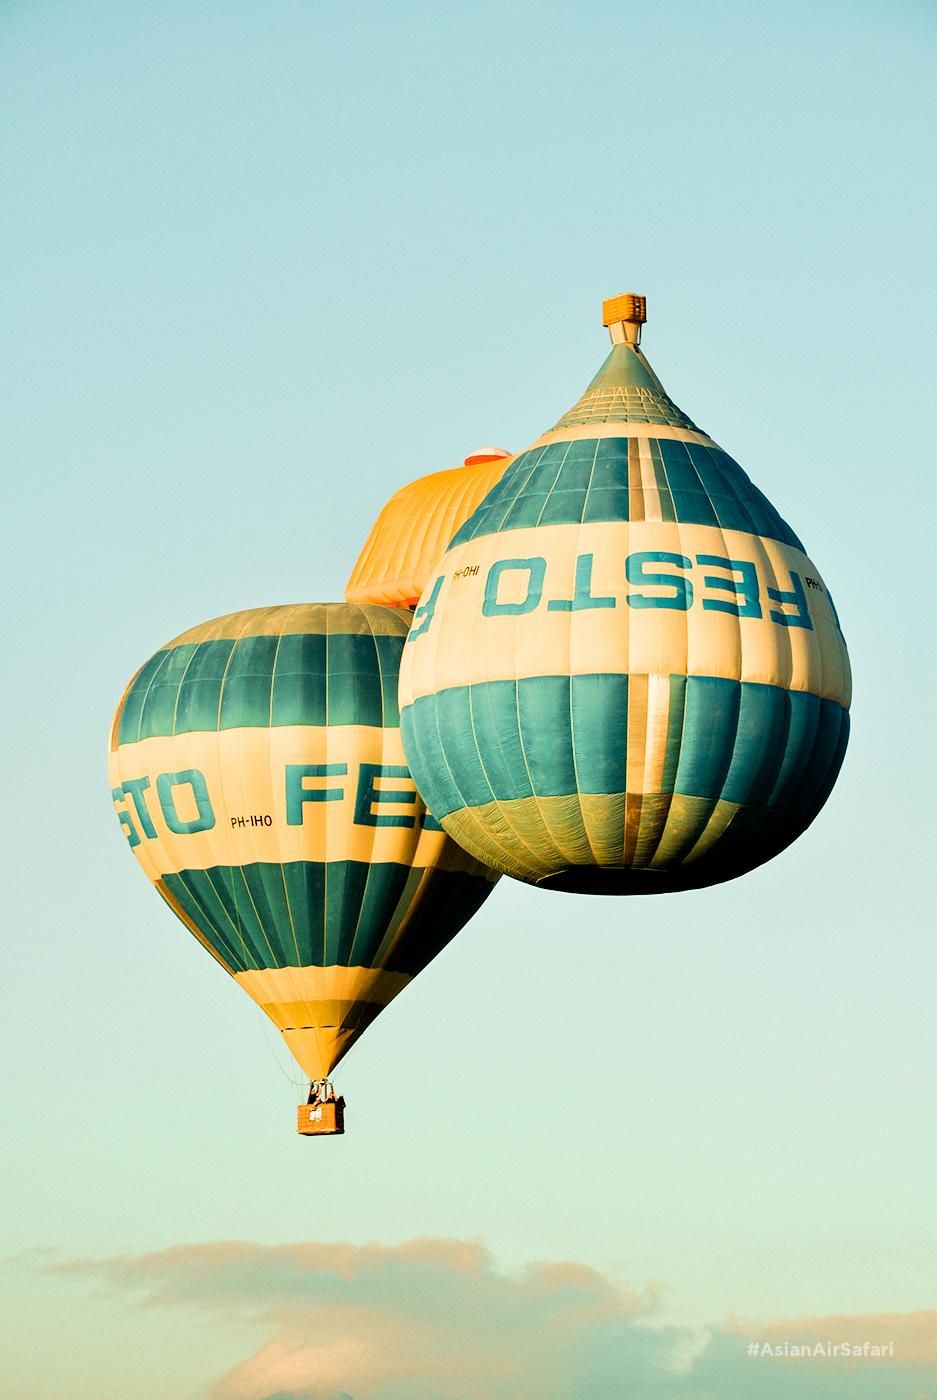 balloonslide (15 of 25)